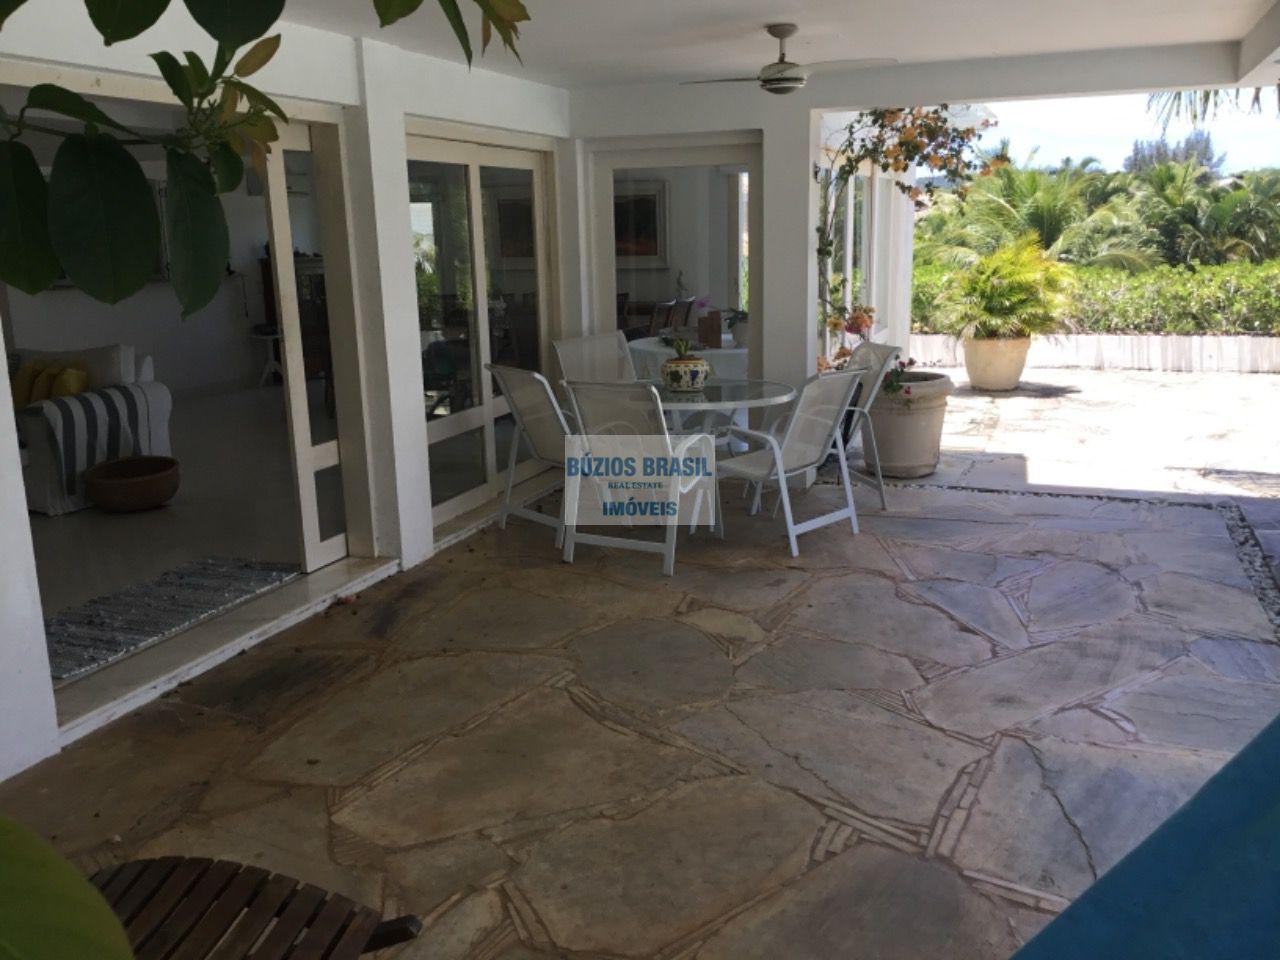 Casa 7 quartos para alugar Ferradura, Ferradura 70m Praia,Armação dos Búzios - LTFR1 - 18